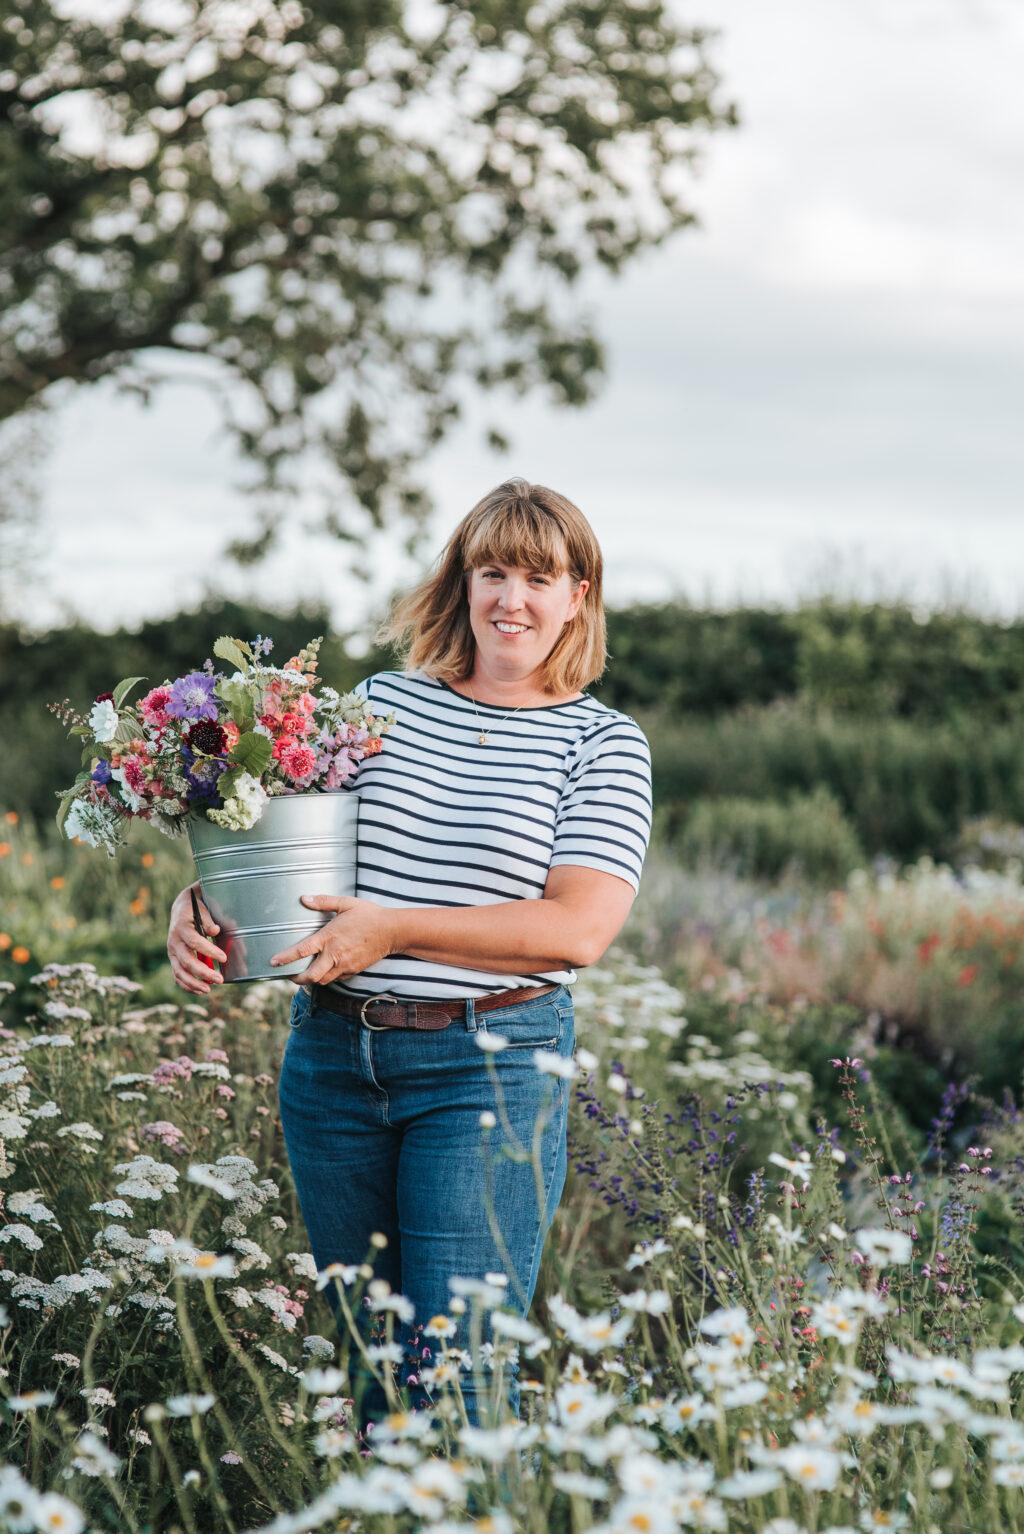 Caroline Onions of Wysall Flower Farm with a bucket of freshly picked flowers in her flower field